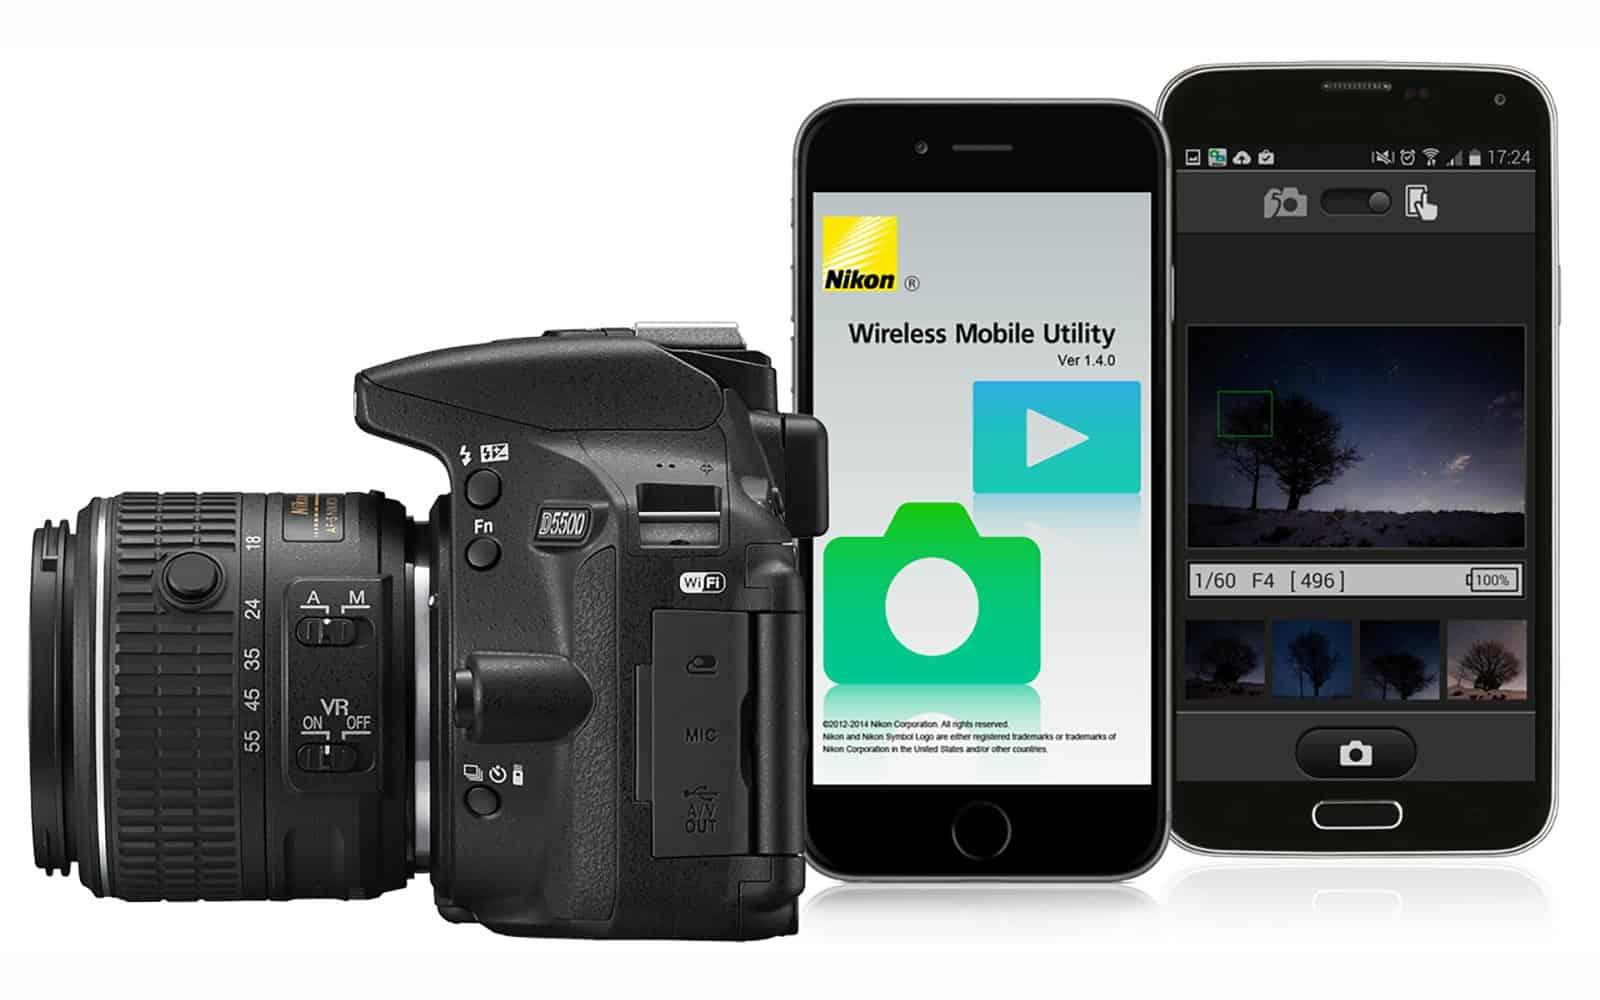 Collegamento wifi tra fotocamera Nikon e dispositivi mobili mediante l'applicazione WMU